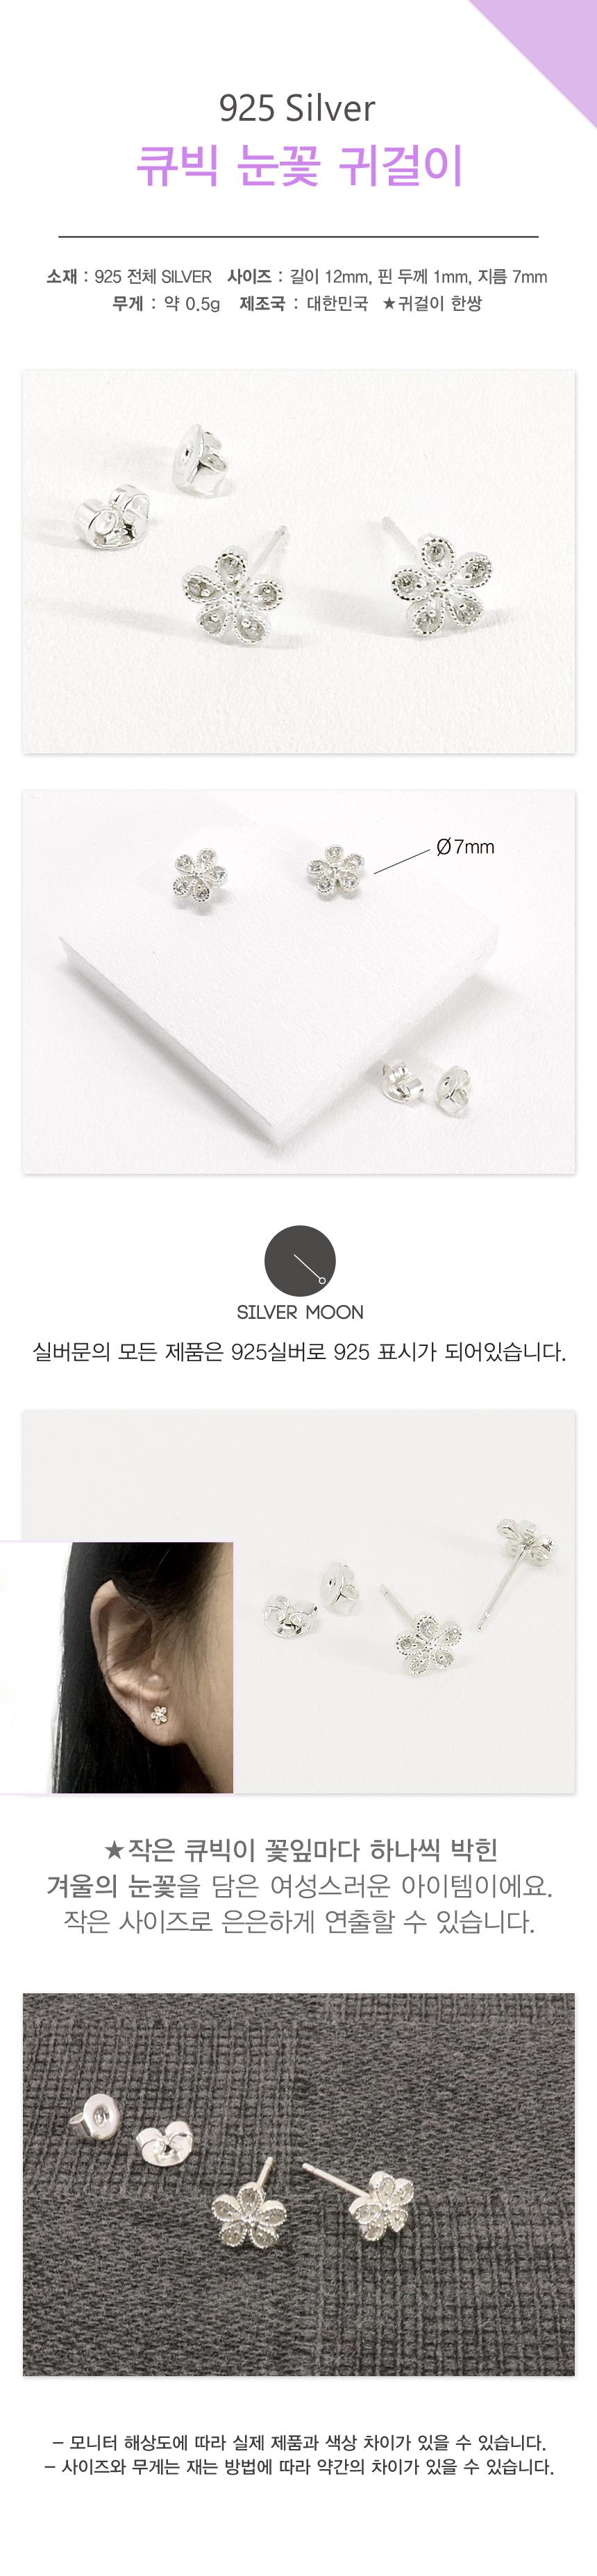 925실버 큐빅 눈꽃 귀걸이-925전체실버 귀걸이-순은귀걸이 - 실버문, 11,900원, 실버, 볼귀걸이